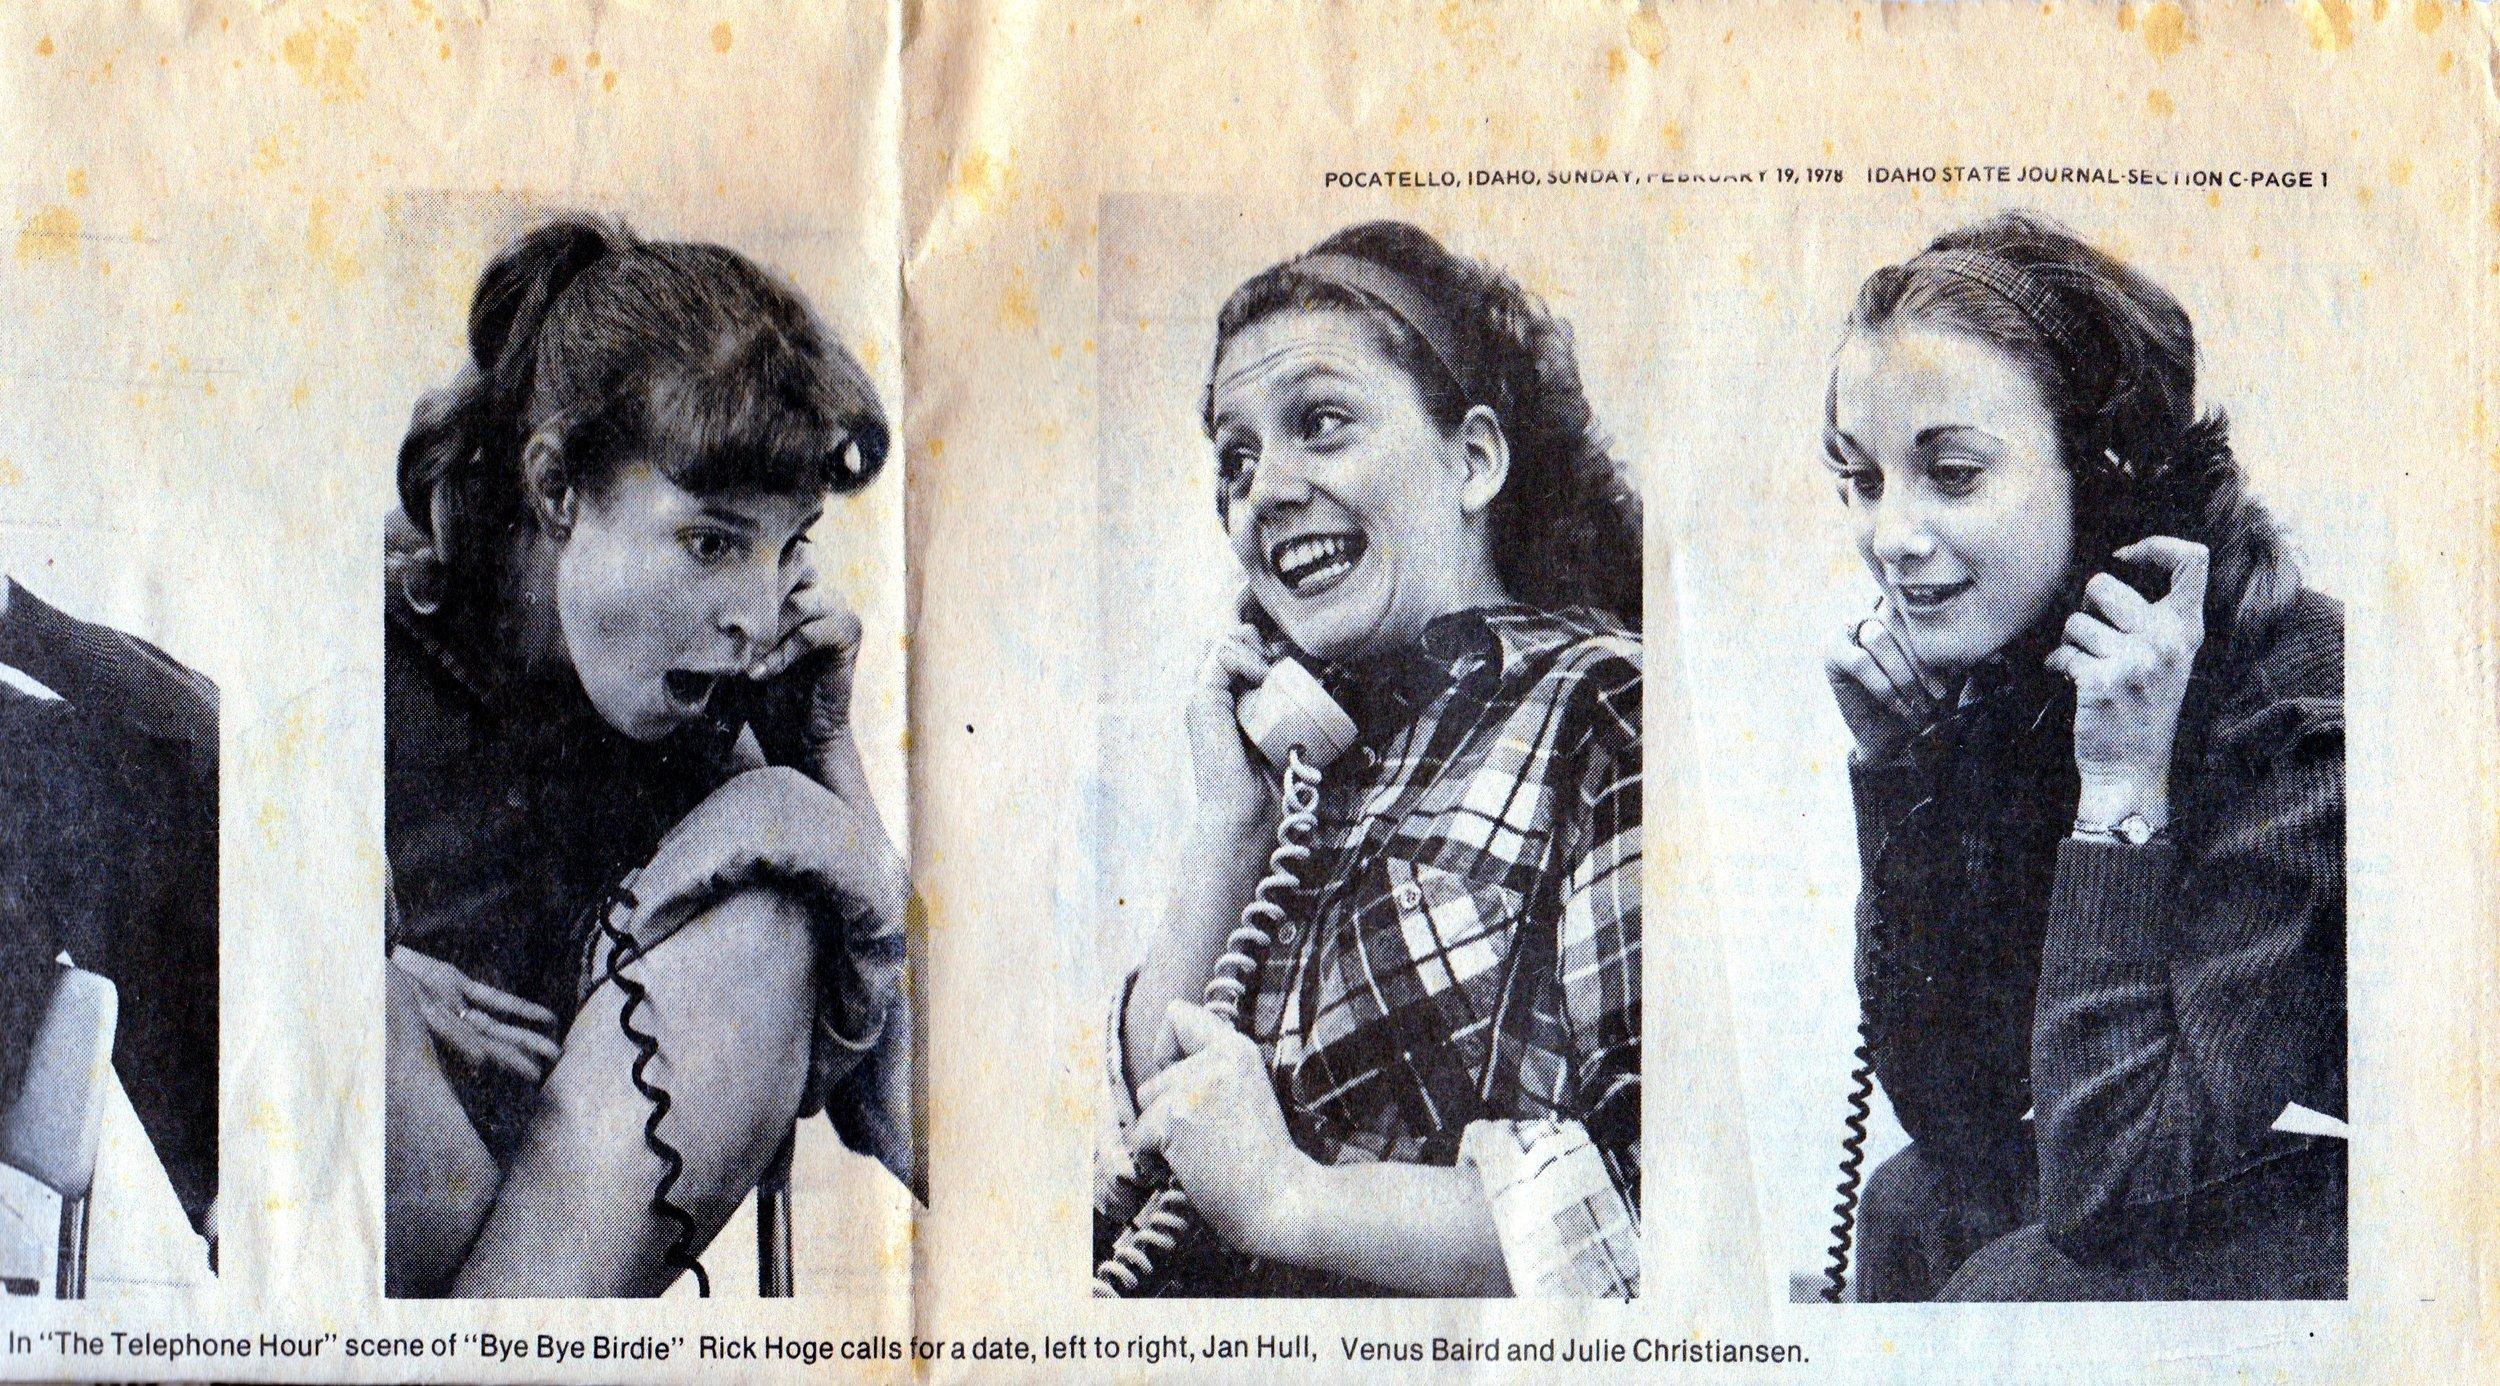 1978-02-23-25-BYEBYEBIRDIE-NEWSPAPERCLIPPING-2.jpeg